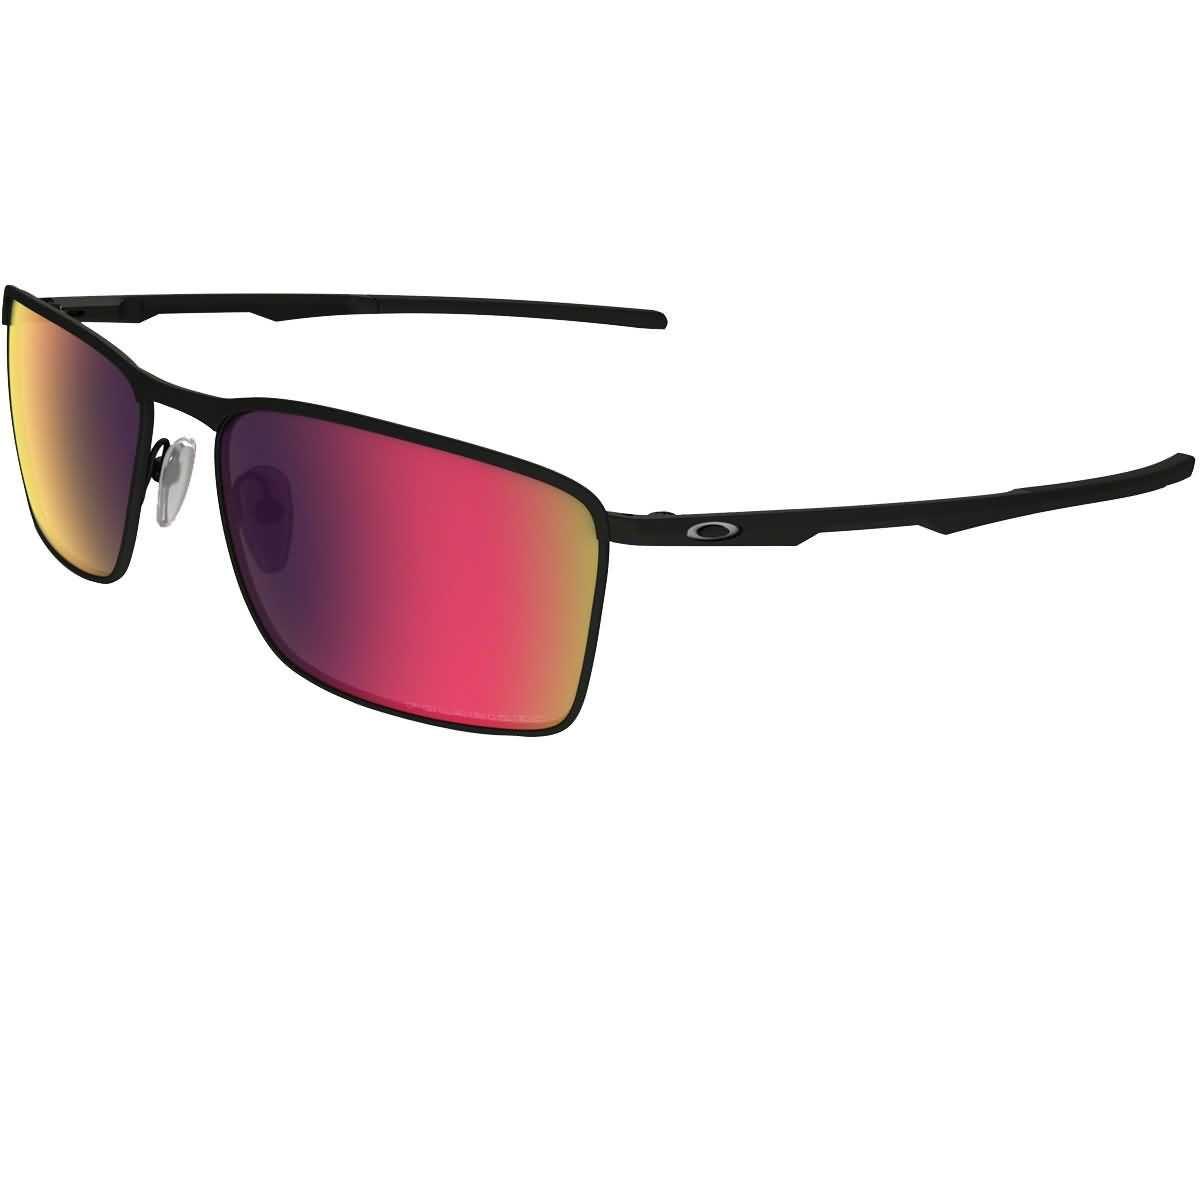 1e4ddafd12 ... Sunglasses ... oakley conductor 6 polarized review